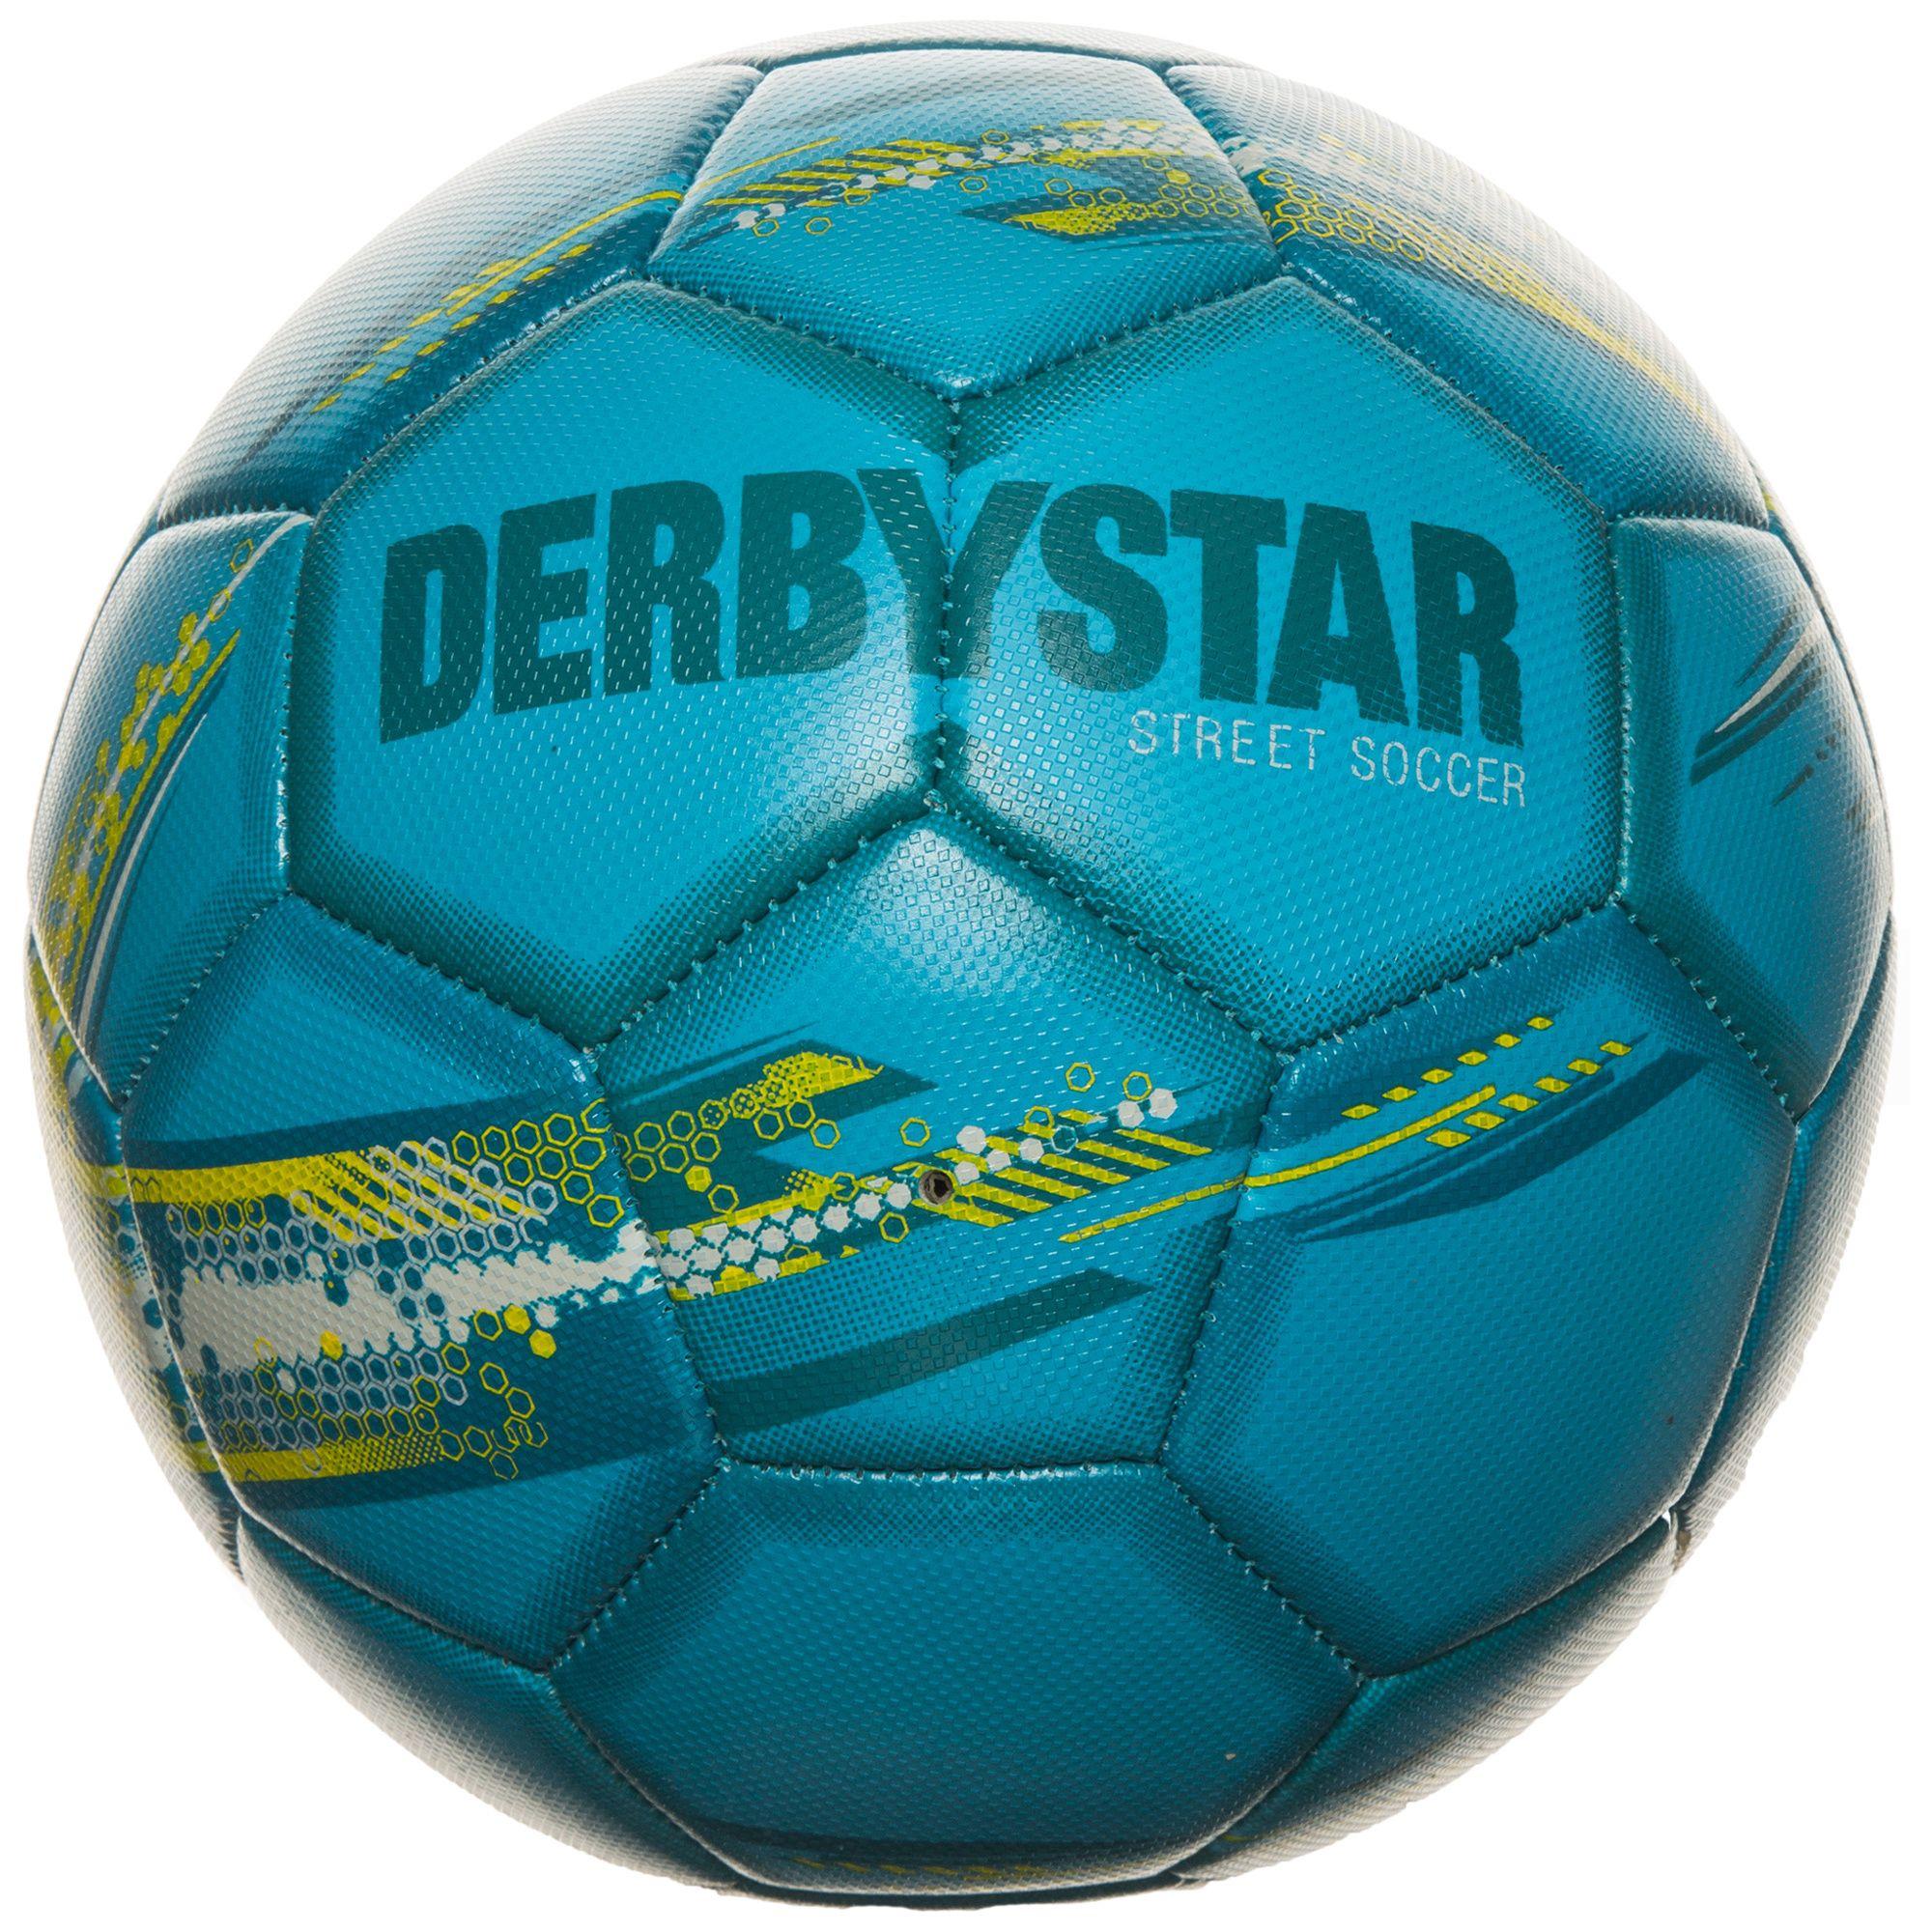 DERBYSTAR Derbystar Fußball »Street Soccer«